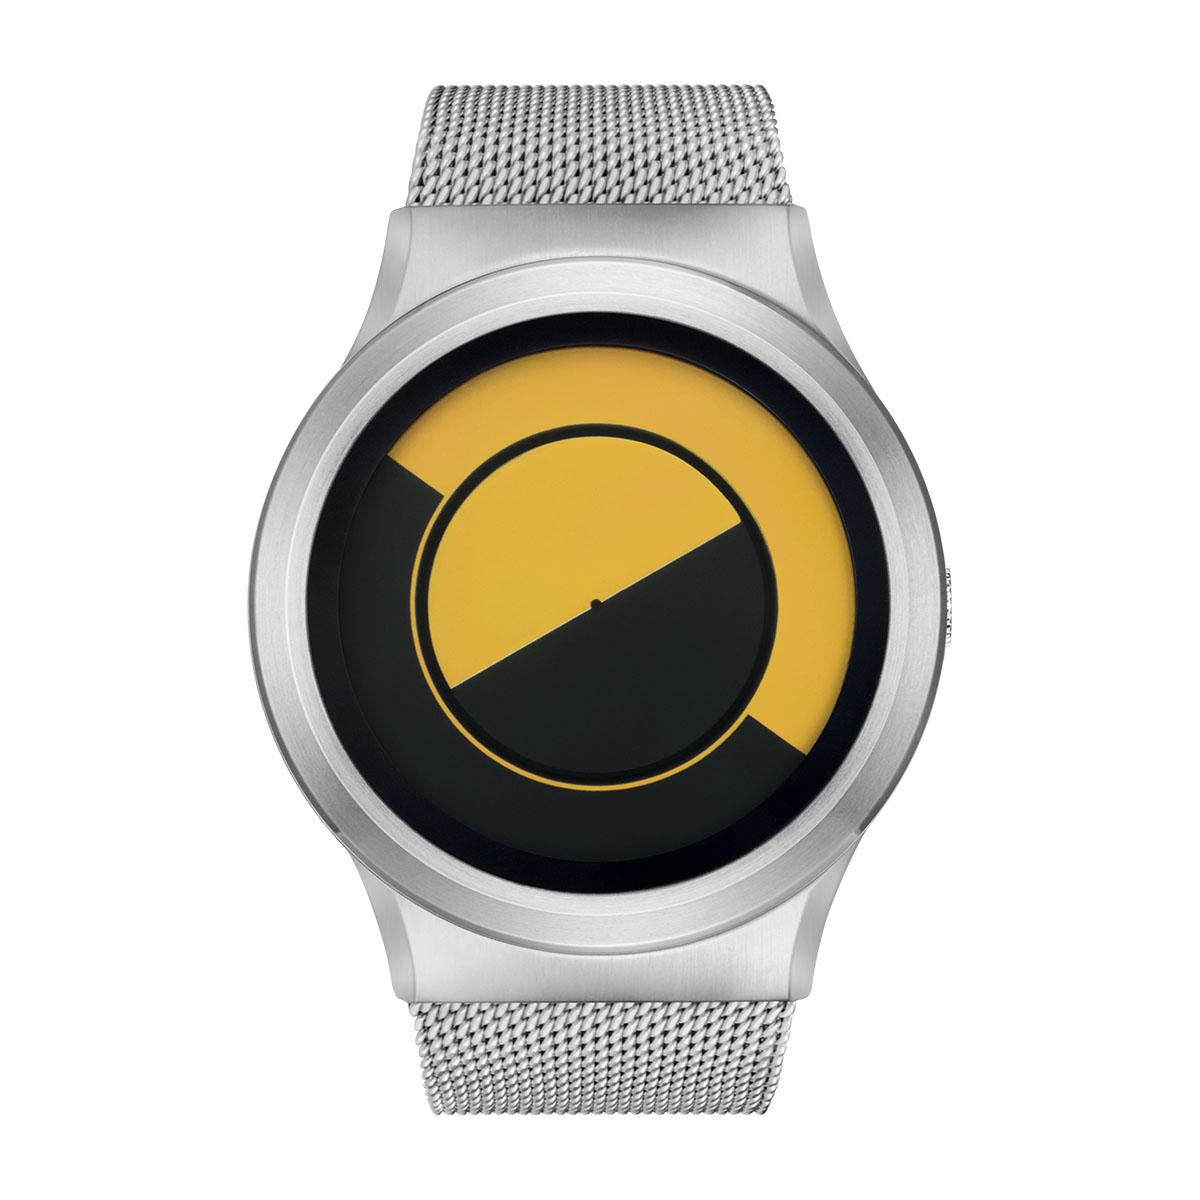 ZEROO QUARTER MOON ゼロ 電池式クォーツ 腕時計 [W08034B01SM01] イエロー デザインウォッチ ペア用 メンズ レディース ユニセックス おしゃれ時計 デザイナーズ